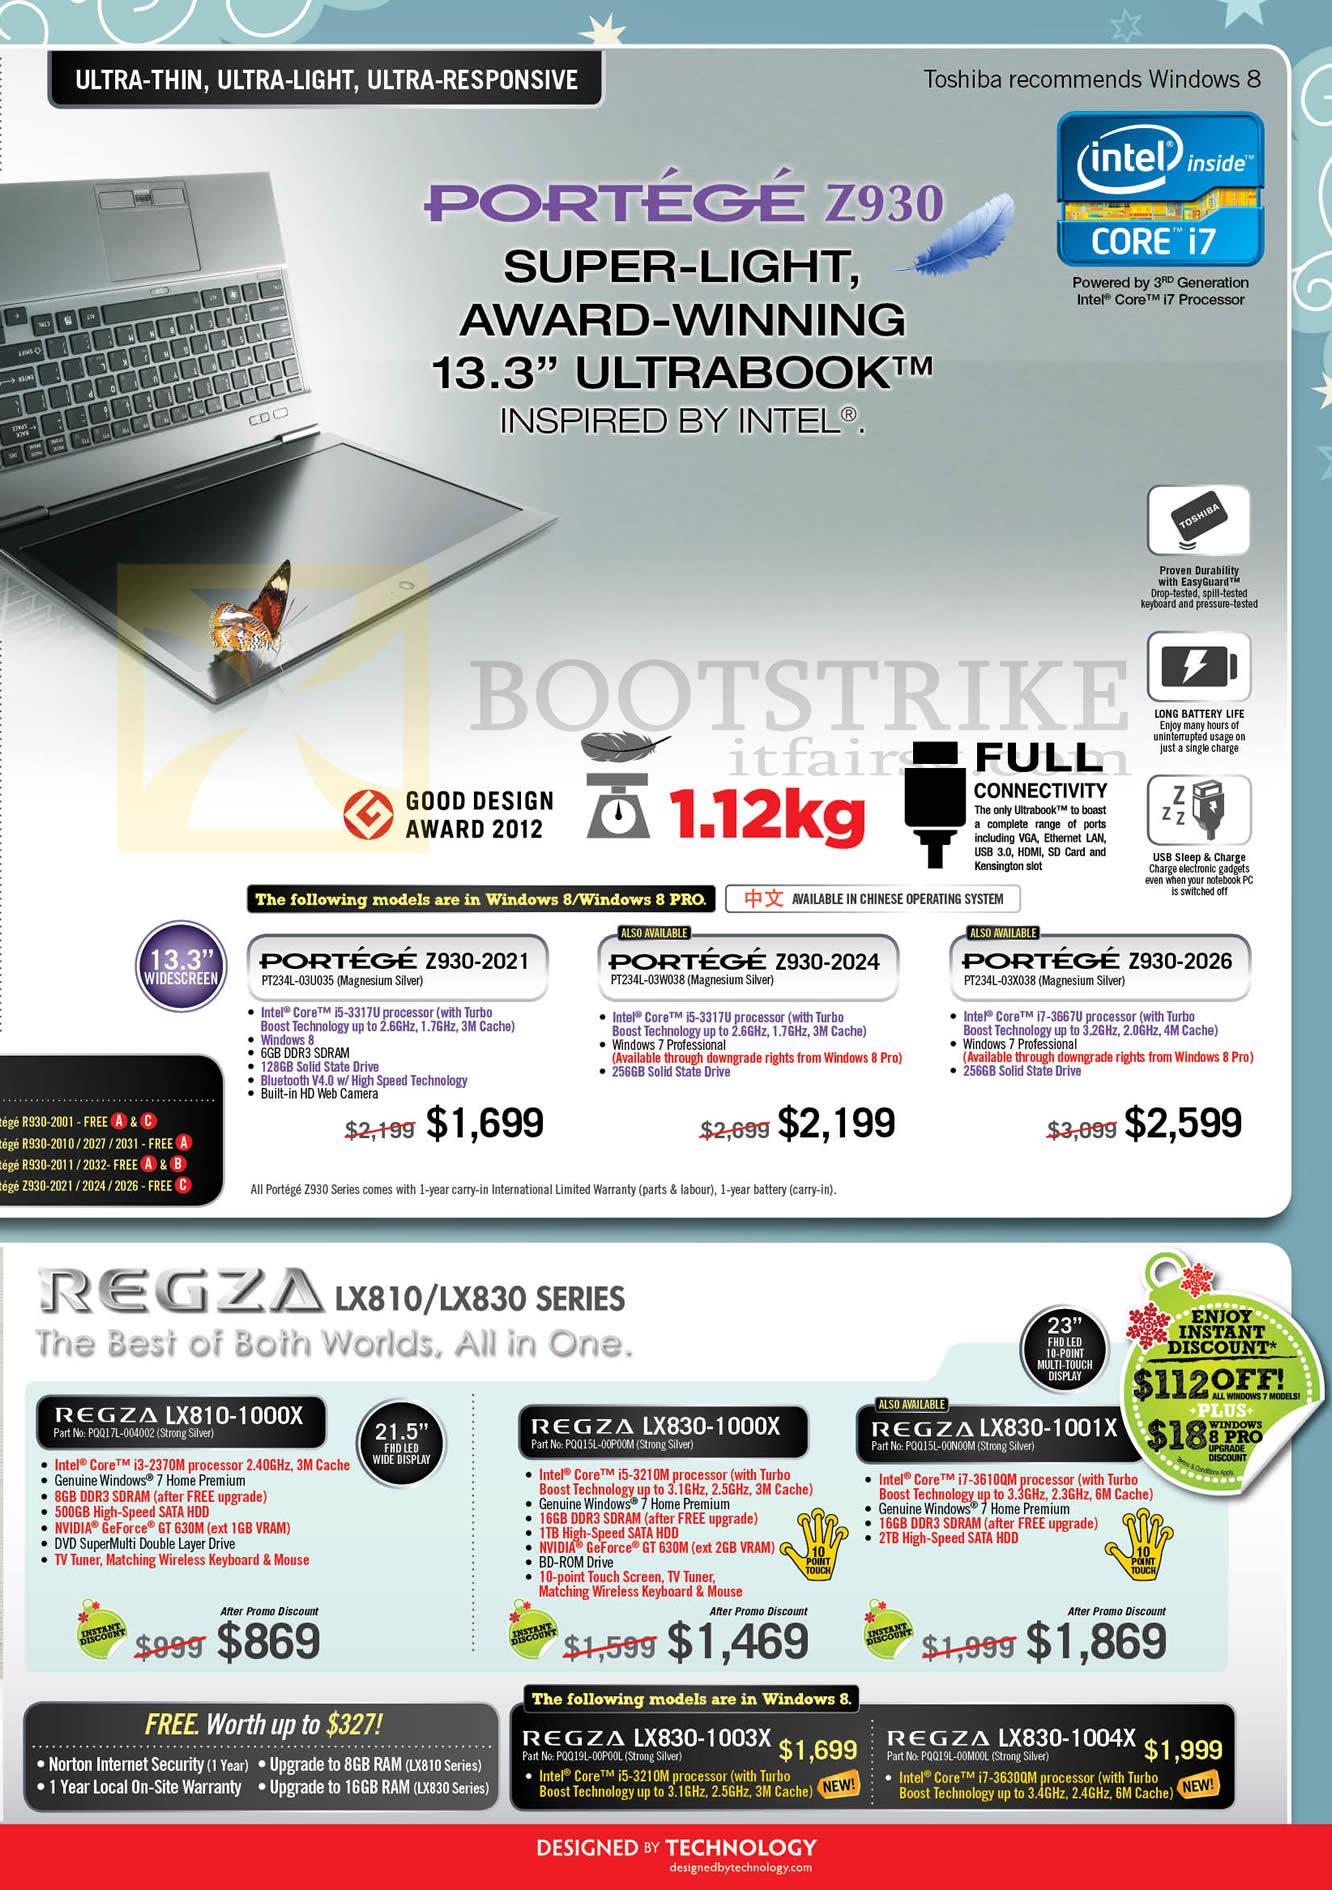 SITEX 2012 price list image brochure of Toshiba Notebooks Portege Z930-2021, Z930-2024, Z930-2026, Regza AIO Desktop PC LX810-1000X, LX830-1000X